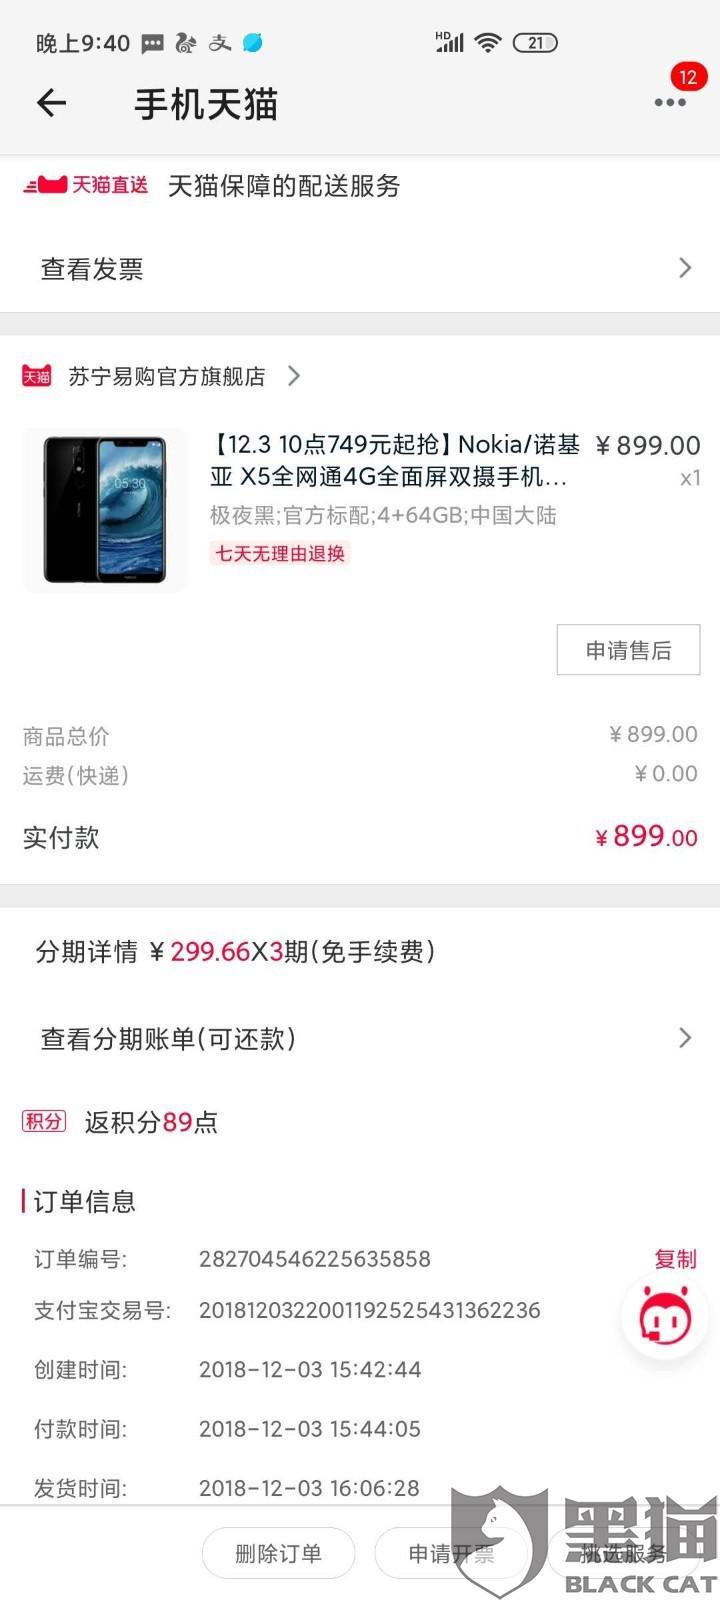 黑猫投诉:诺基亚X5手机出现无法充电的情况